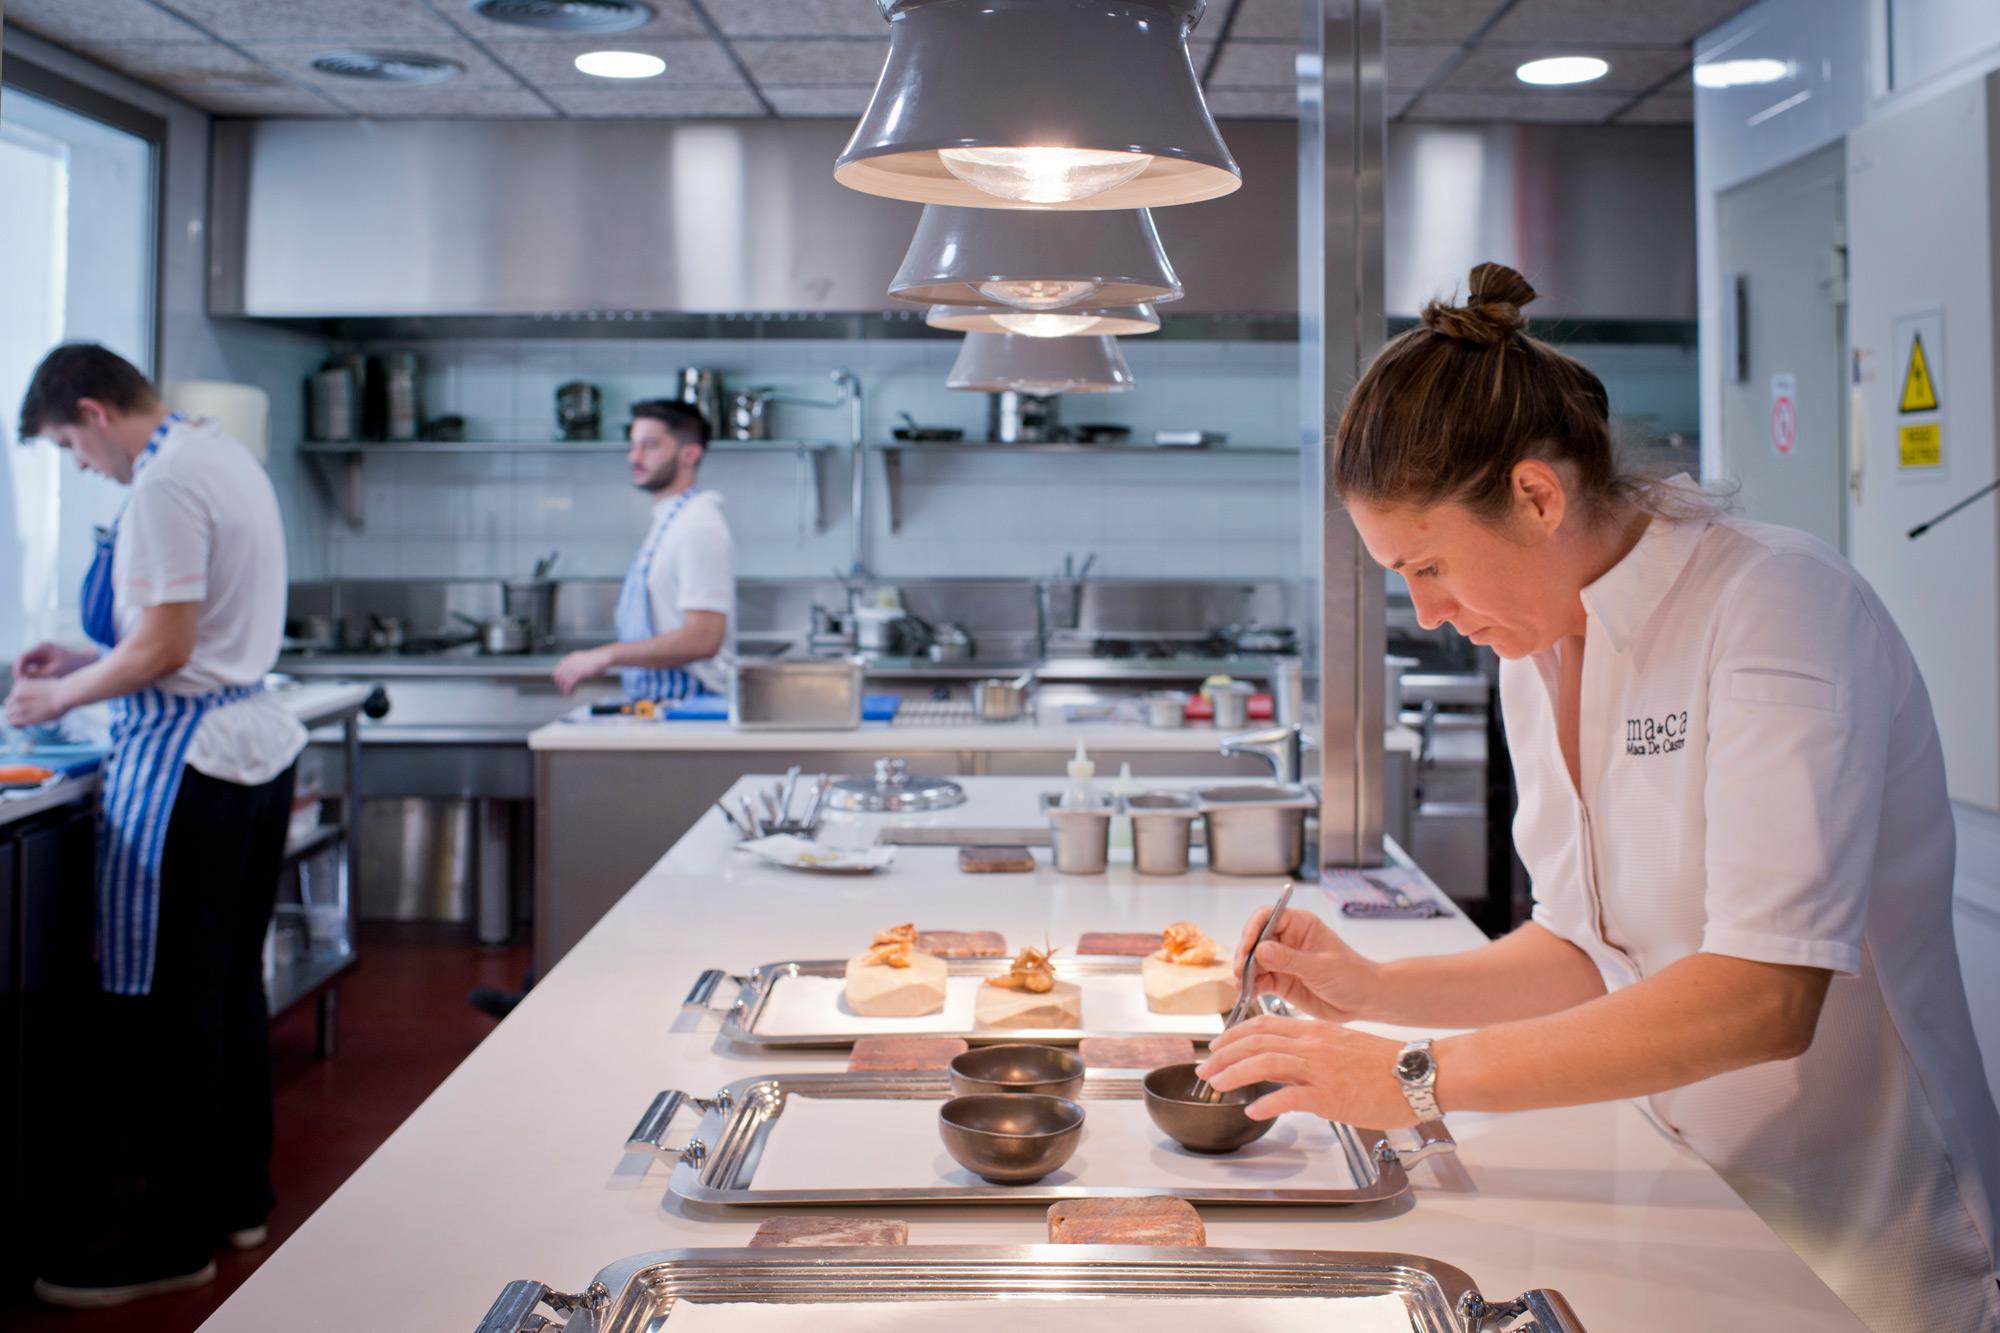 Maca de Castro sabe que una buena cocinera debe estar desde el principio de la preparación hasta el final.